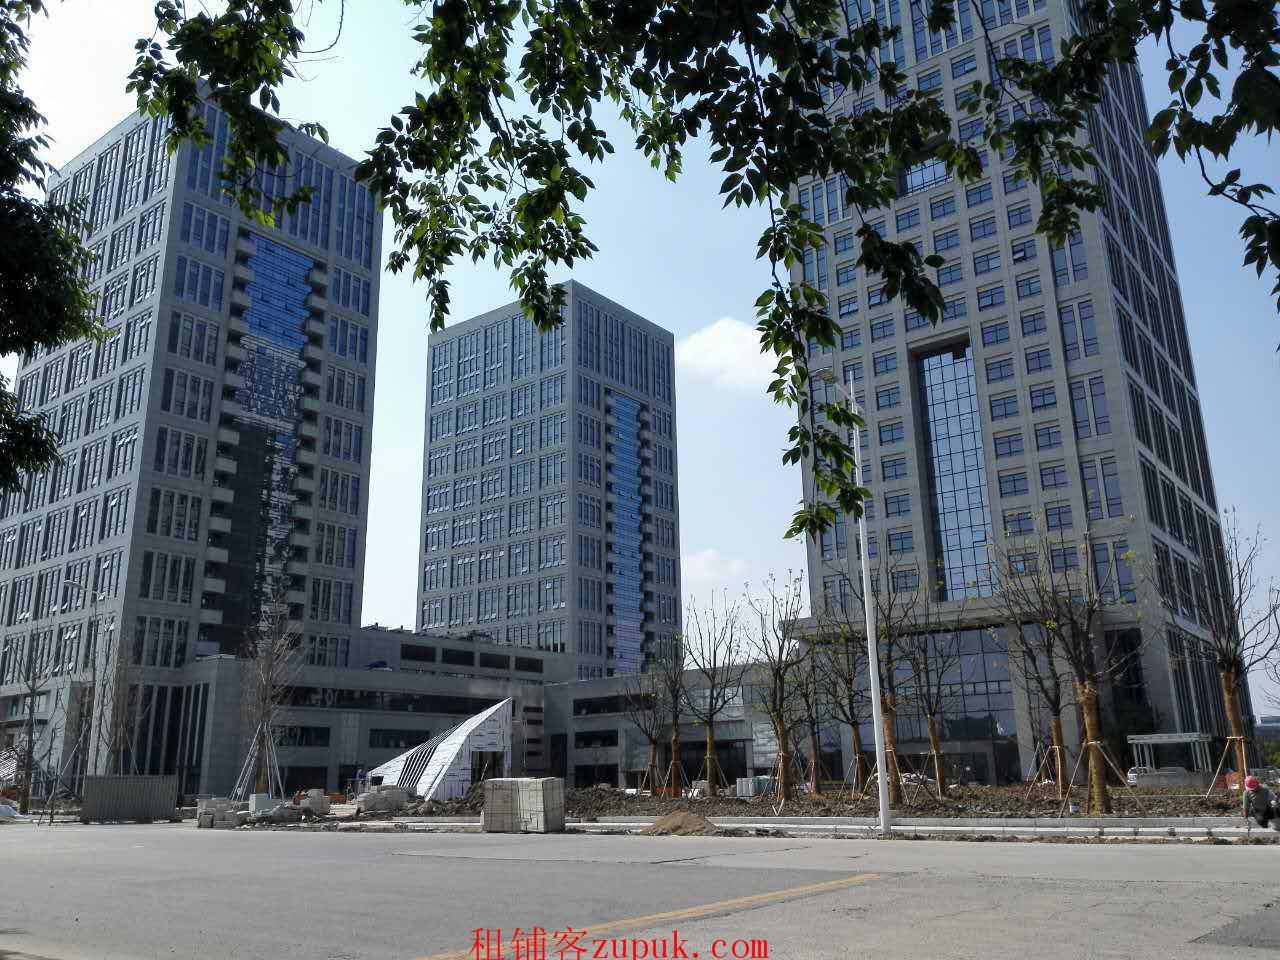 昆山汇金财富广场 城西中心地带 大体量商业综合体旺铺招商中